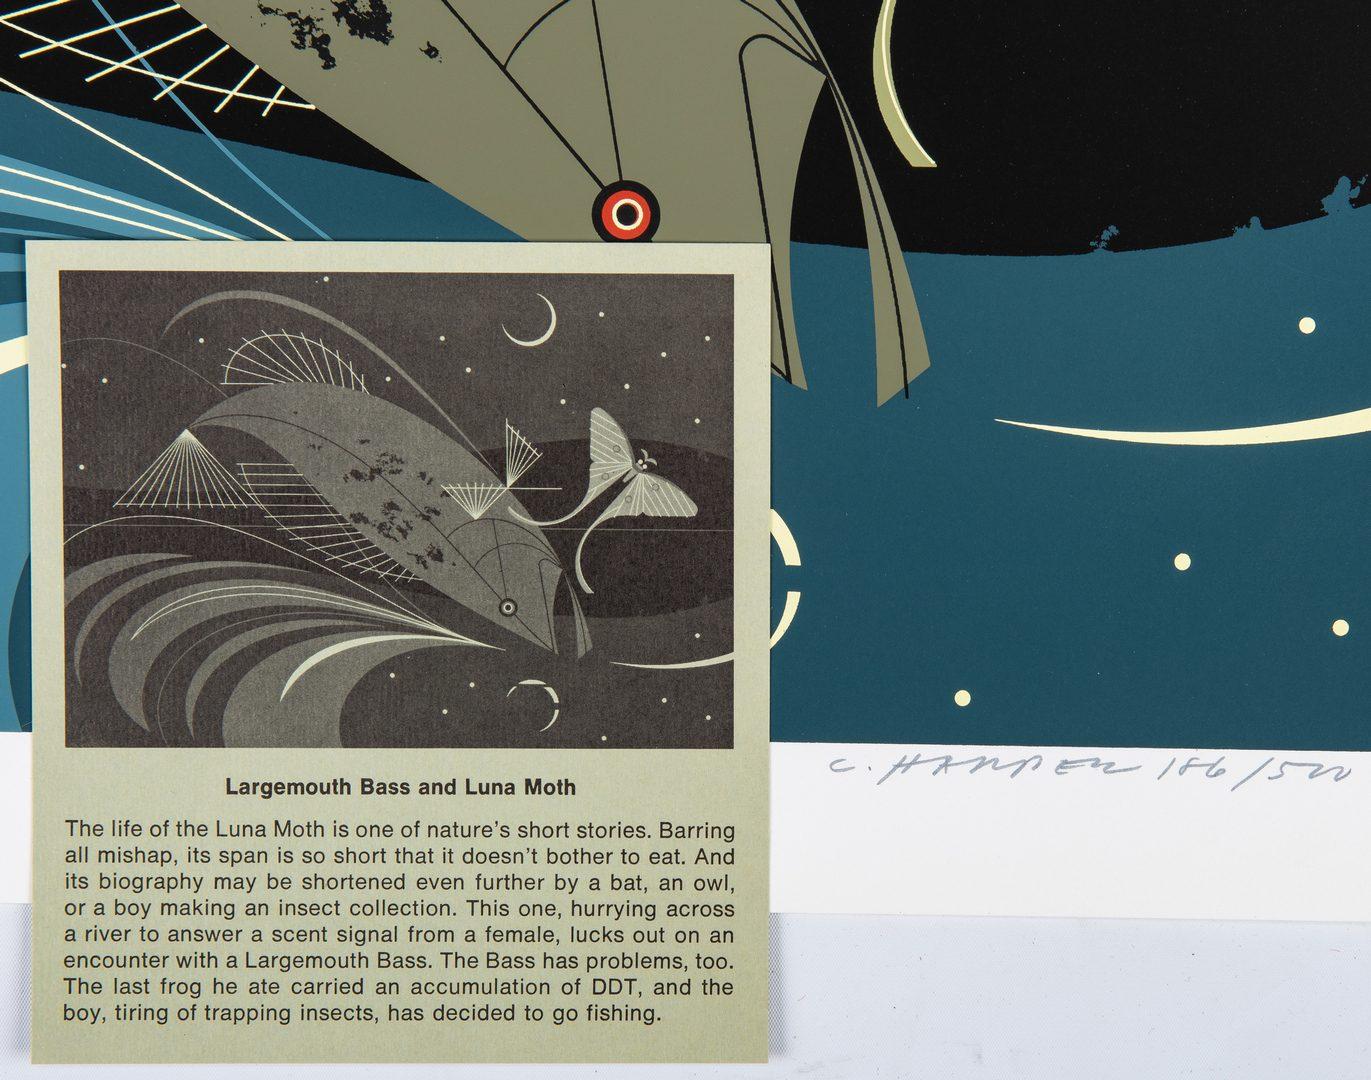 Lot 546: Portfolio of 4 Charley Harper Wildlife Serigraphs